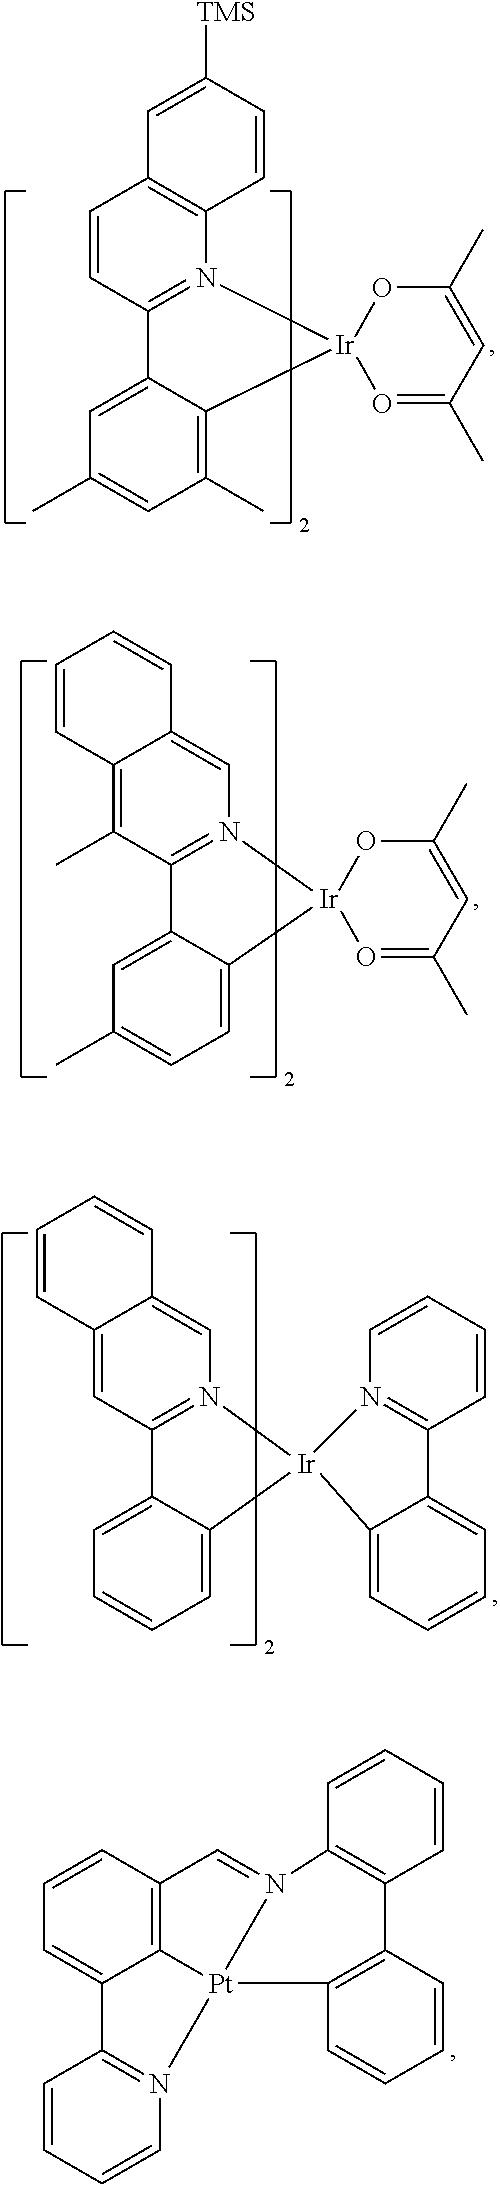 Figure US10033004-20180724-C00098